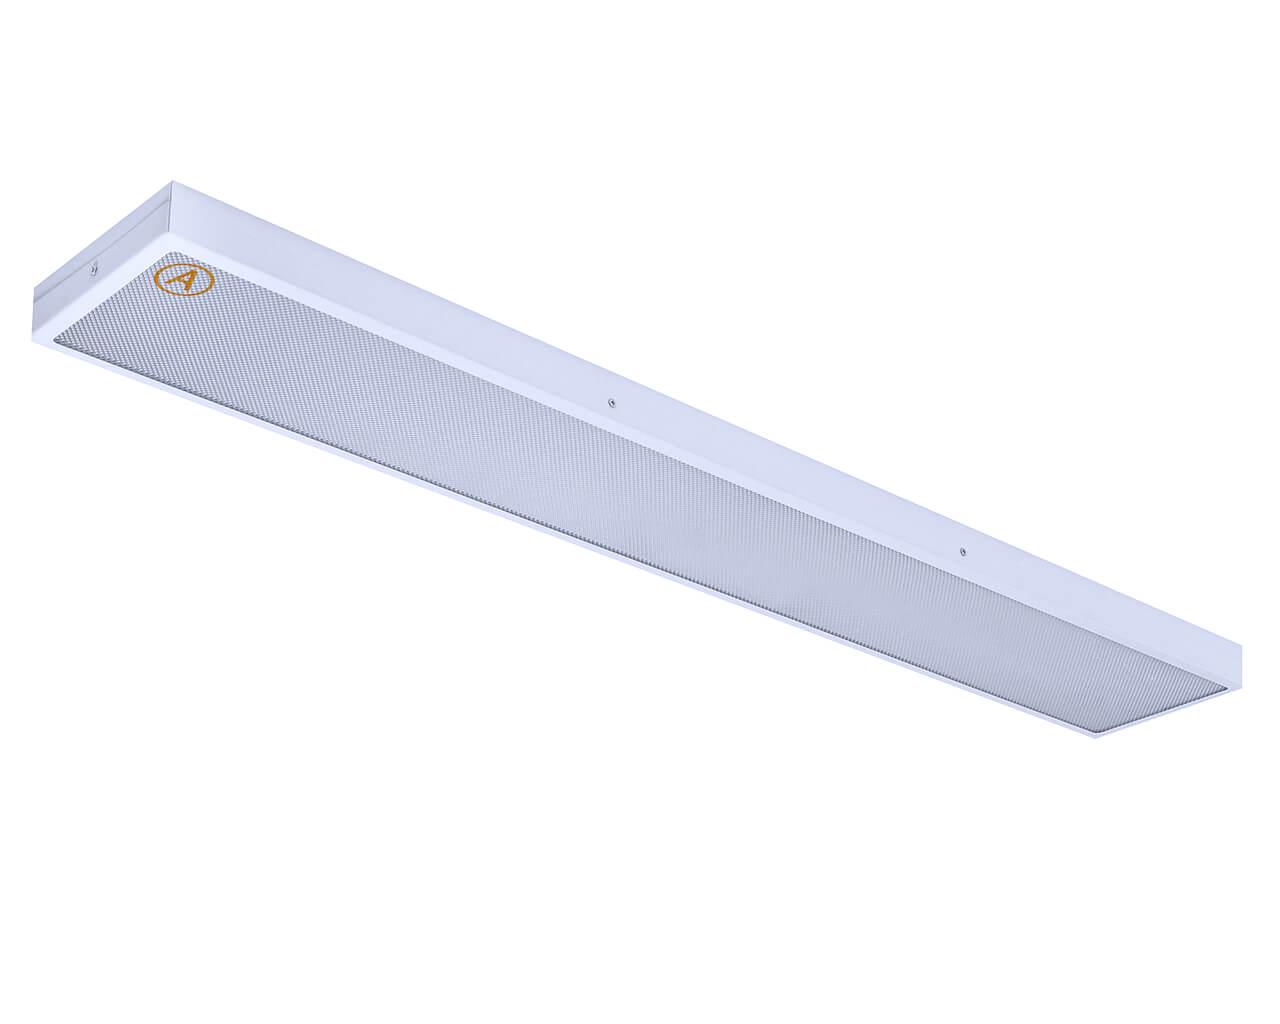 Накладной светильник LC-NS-SIP-40 1195x180 IP65 Теплый белый Призма с Бап 3 часа